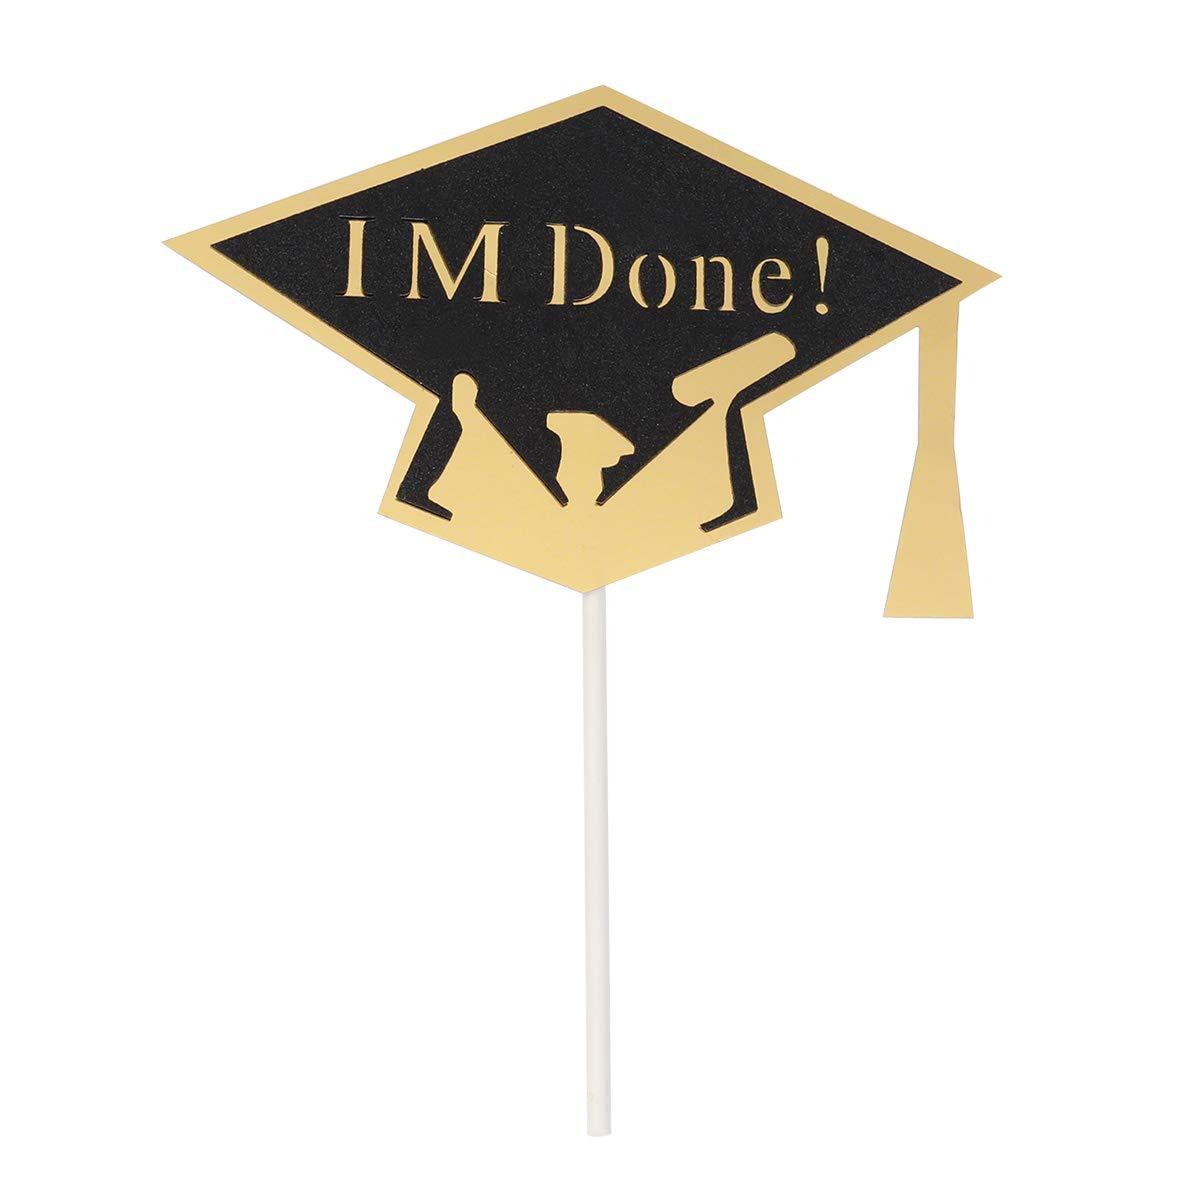 BESTONZON 10PCS he Terminado de graduación Cap Cupcake Toppers para la Fiesta de graduación favorece la decoración